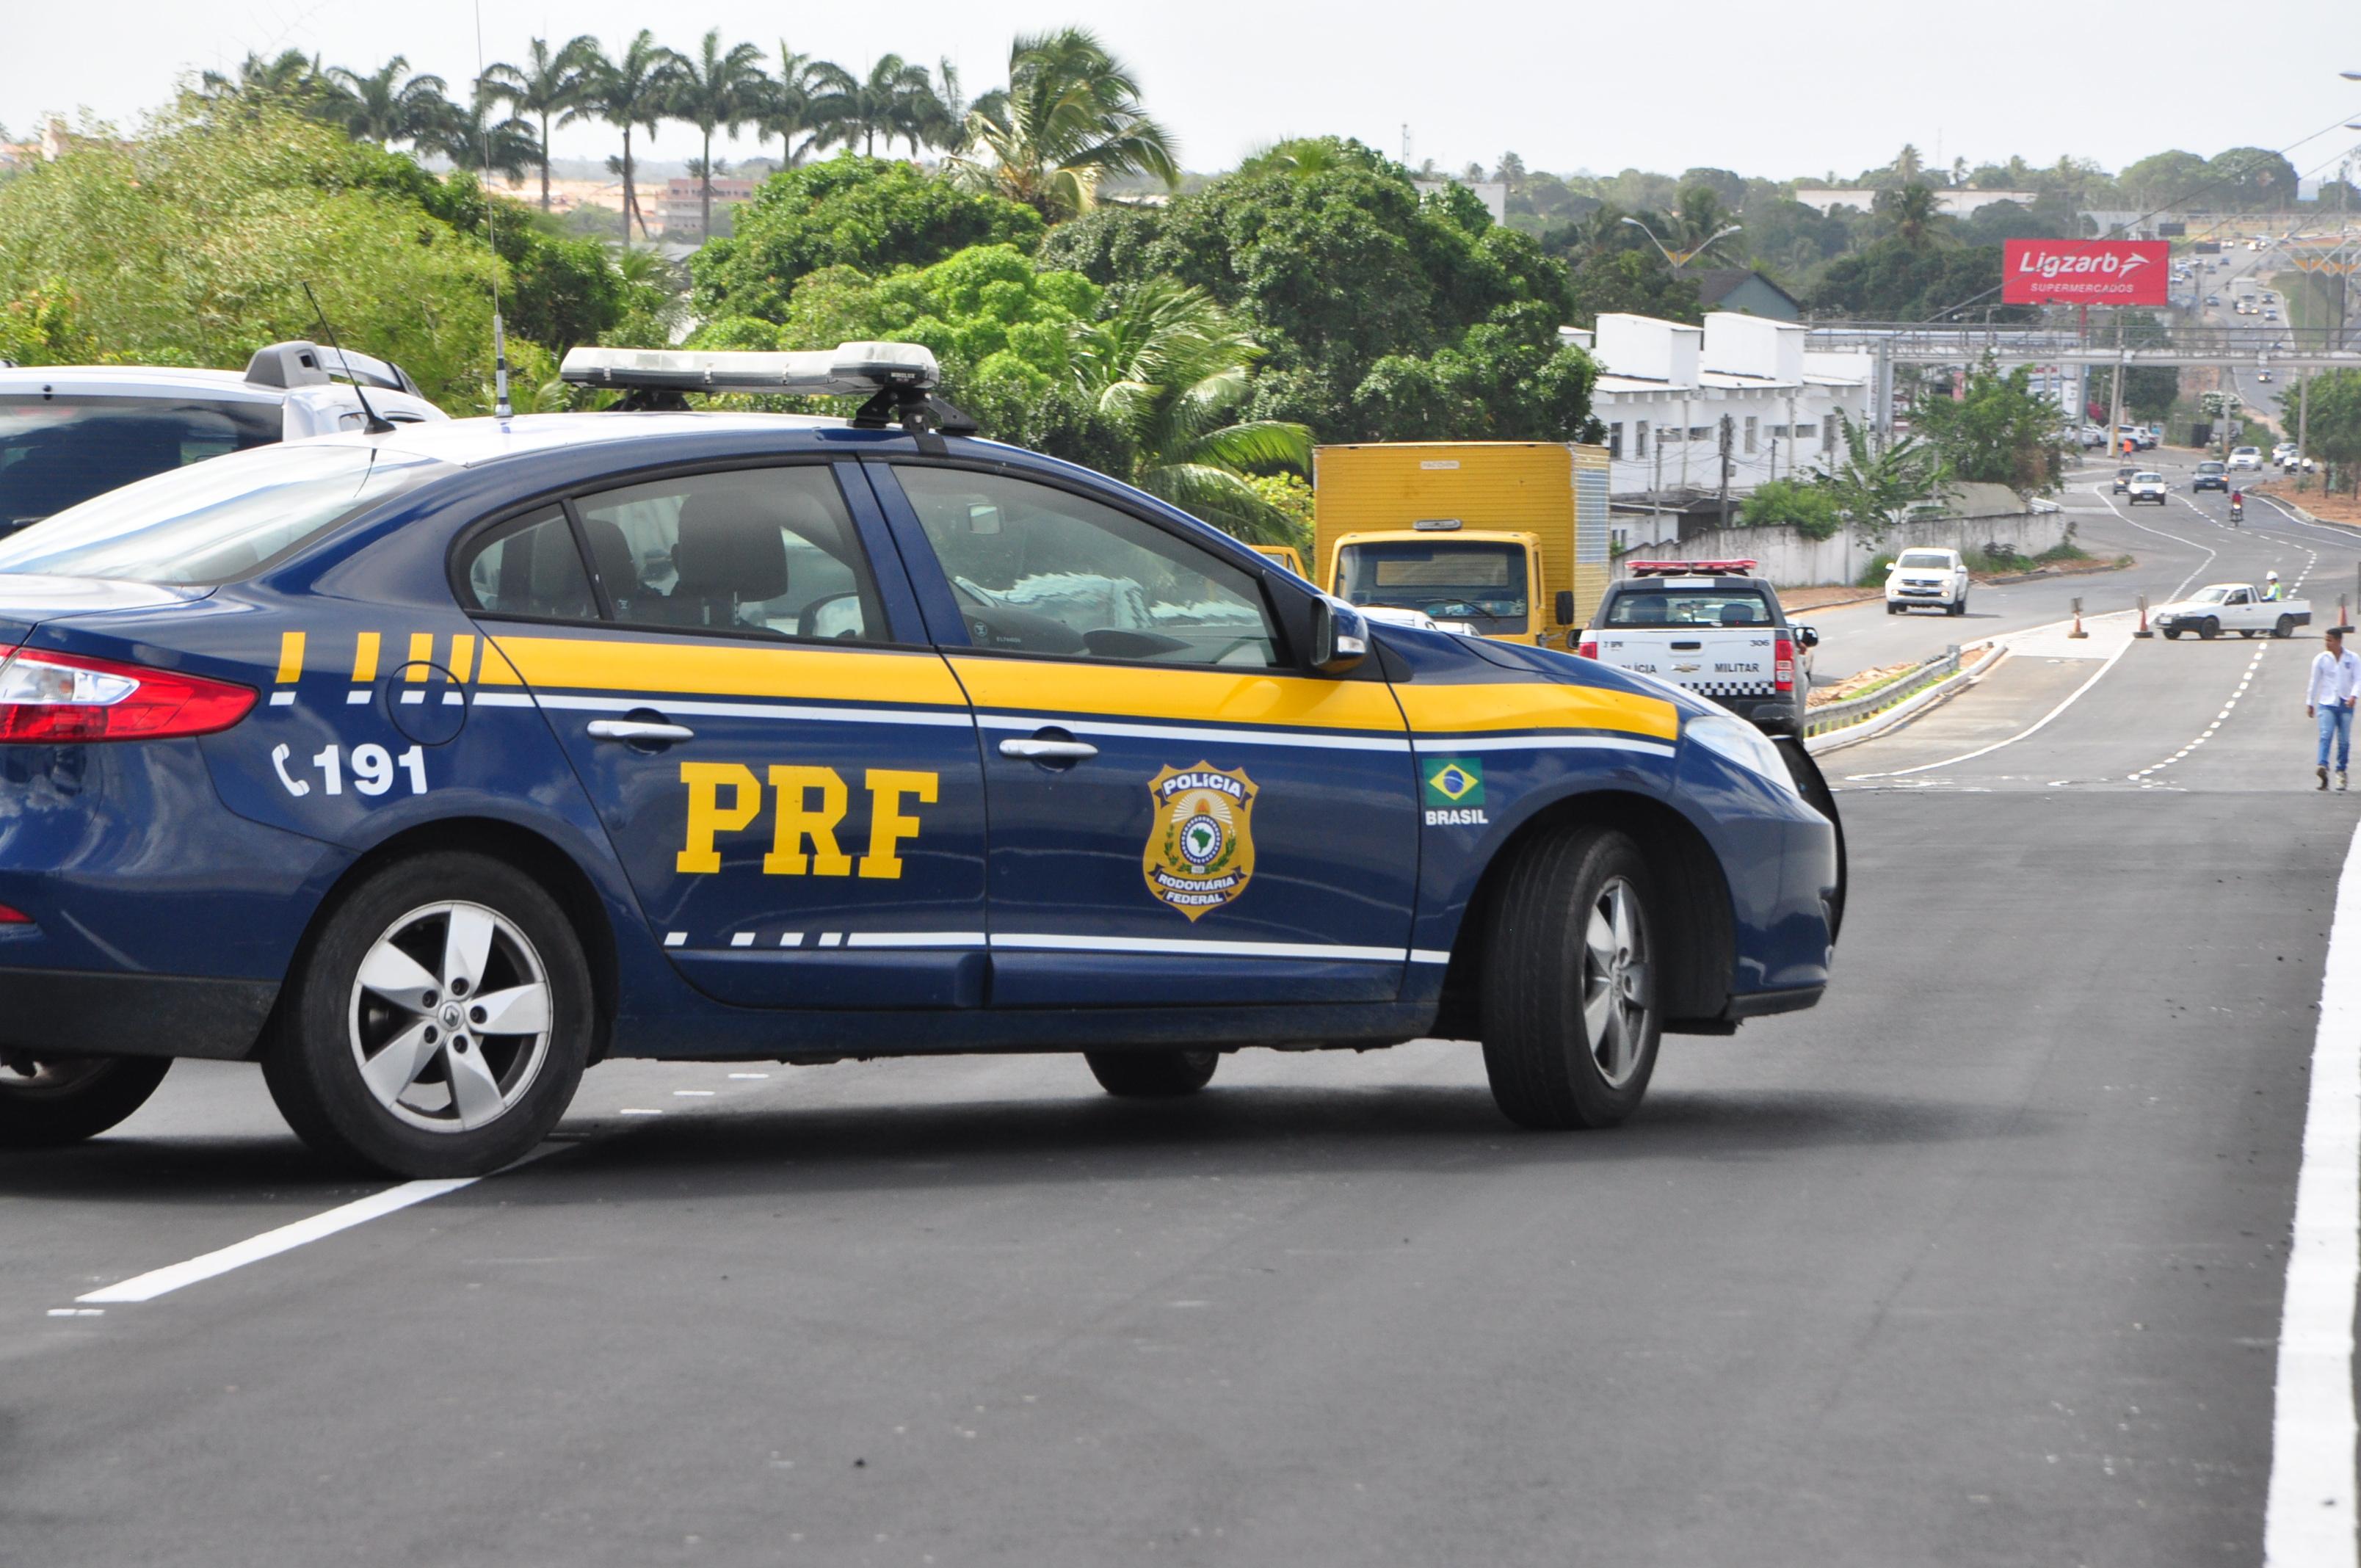 PRF 8